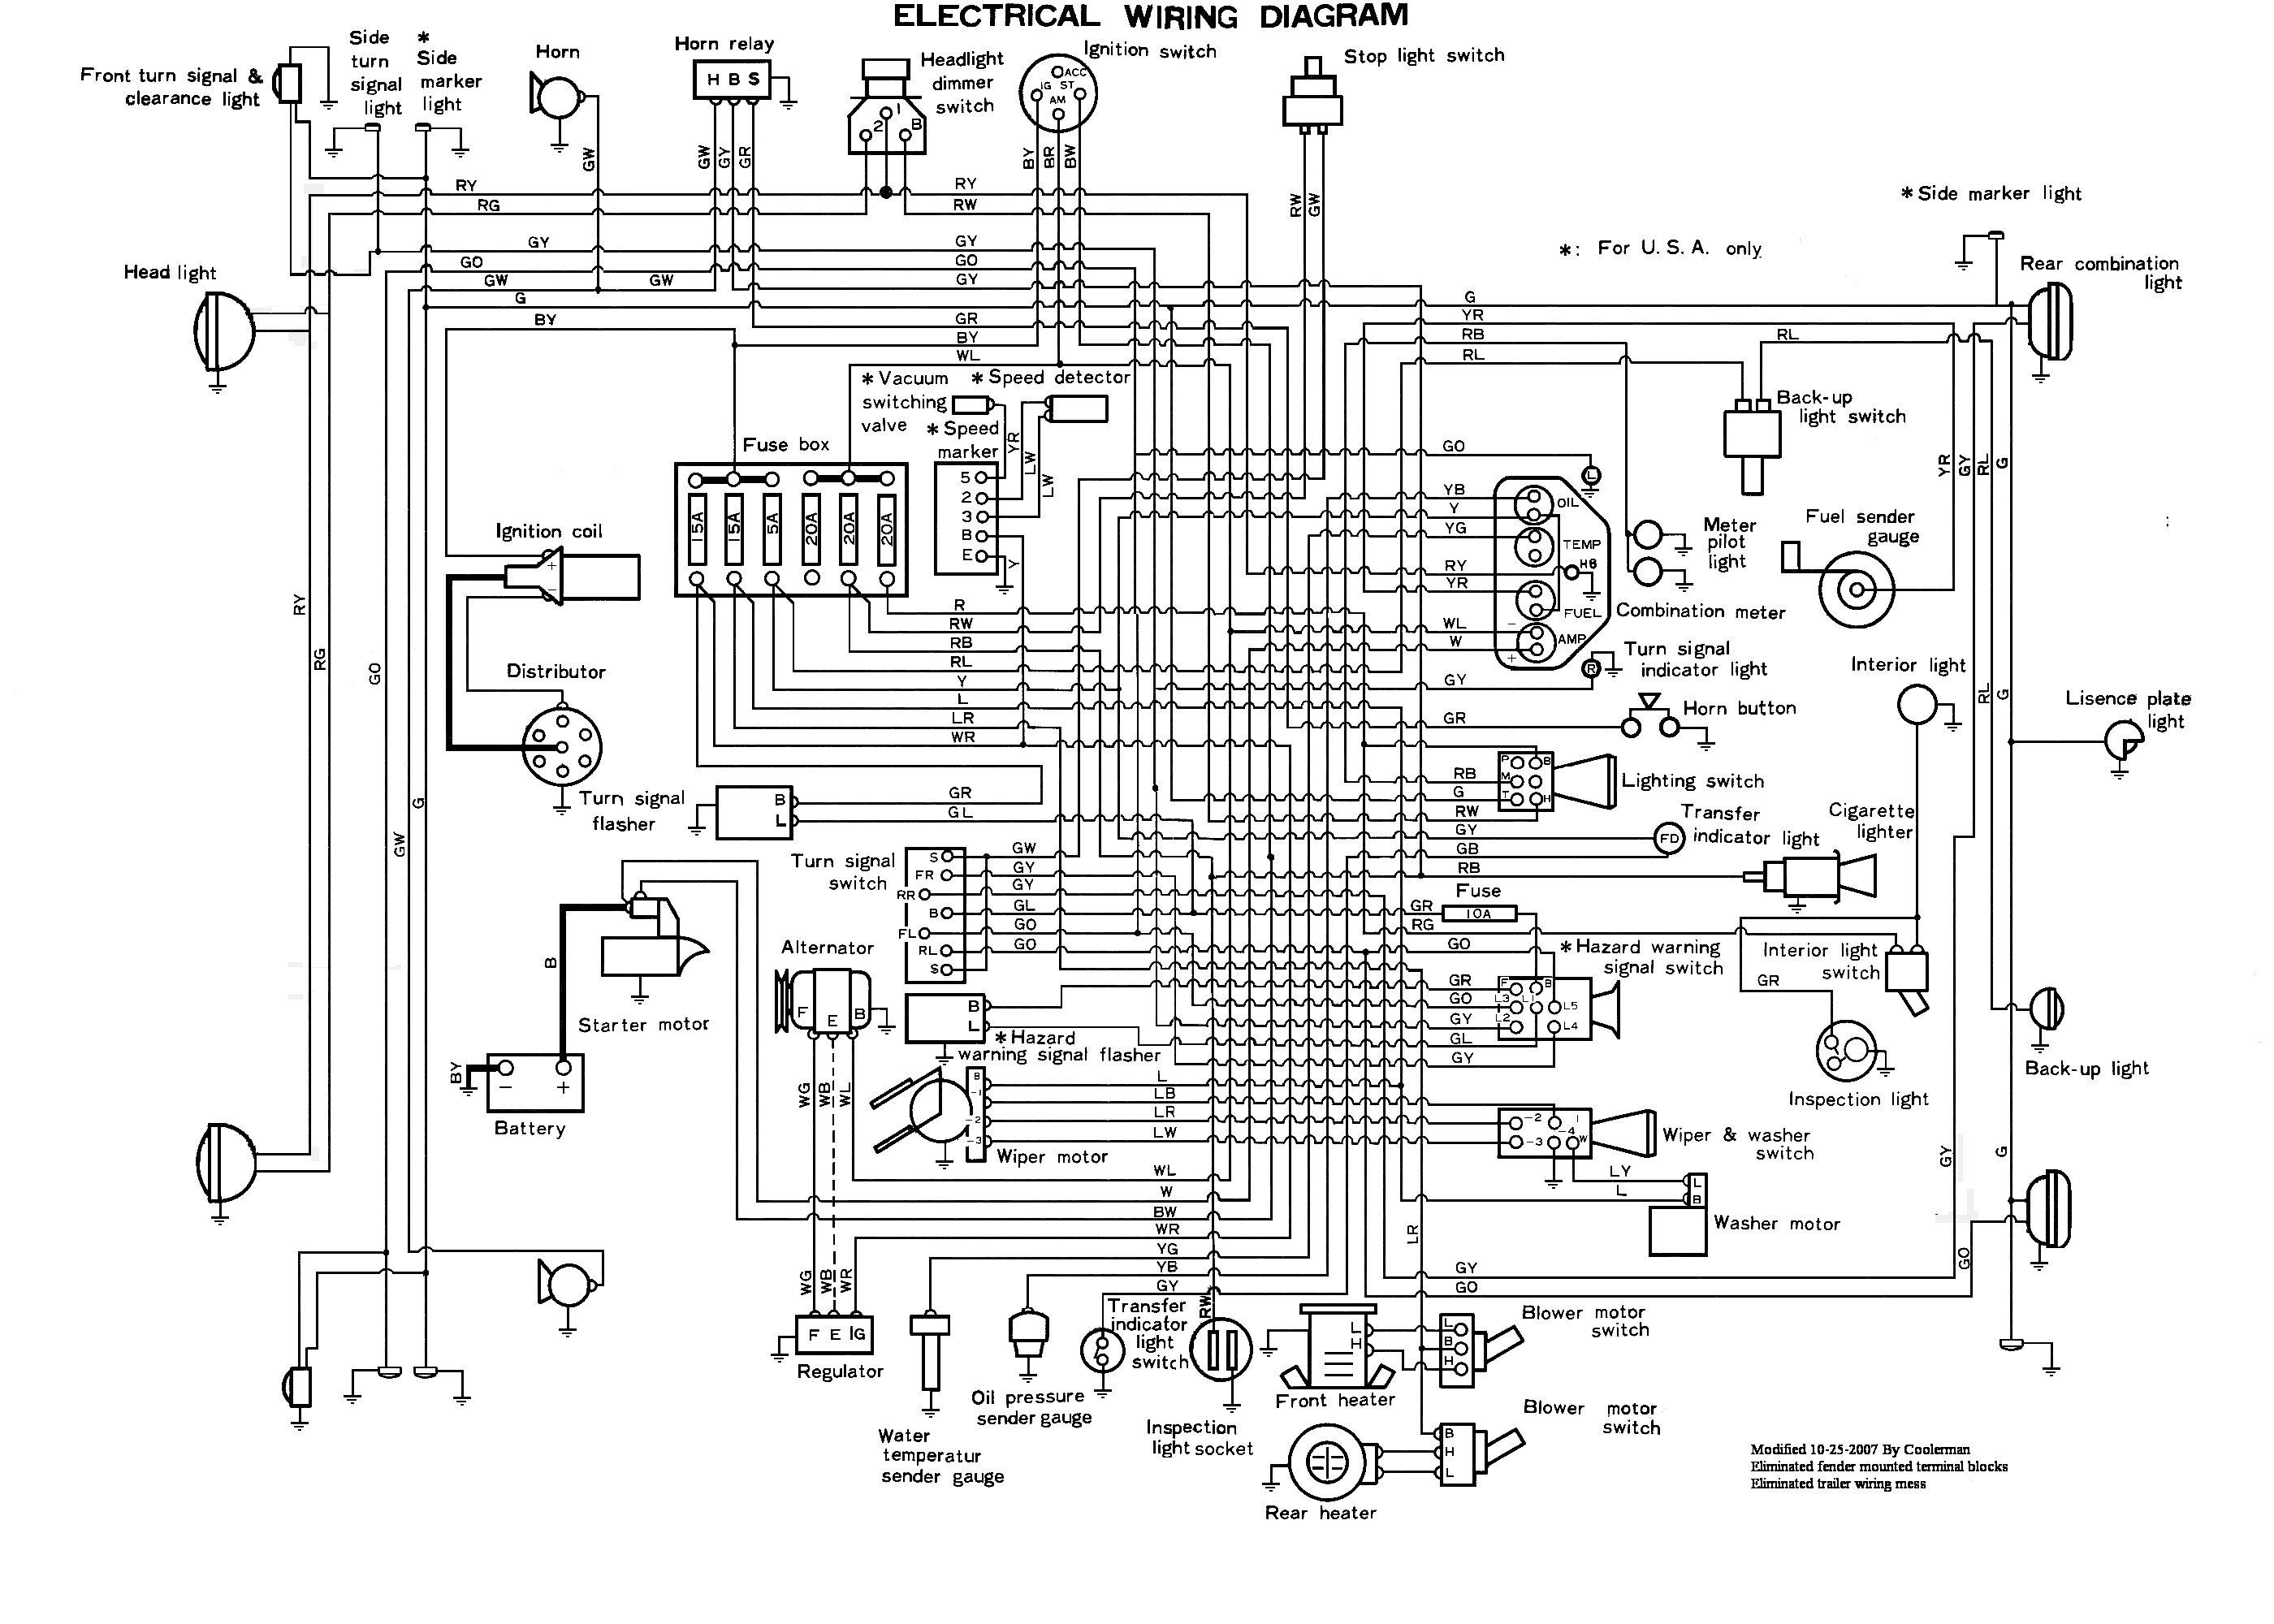 1969 Land Cruiser Wiring Diagram - Wiring Diagram Shw